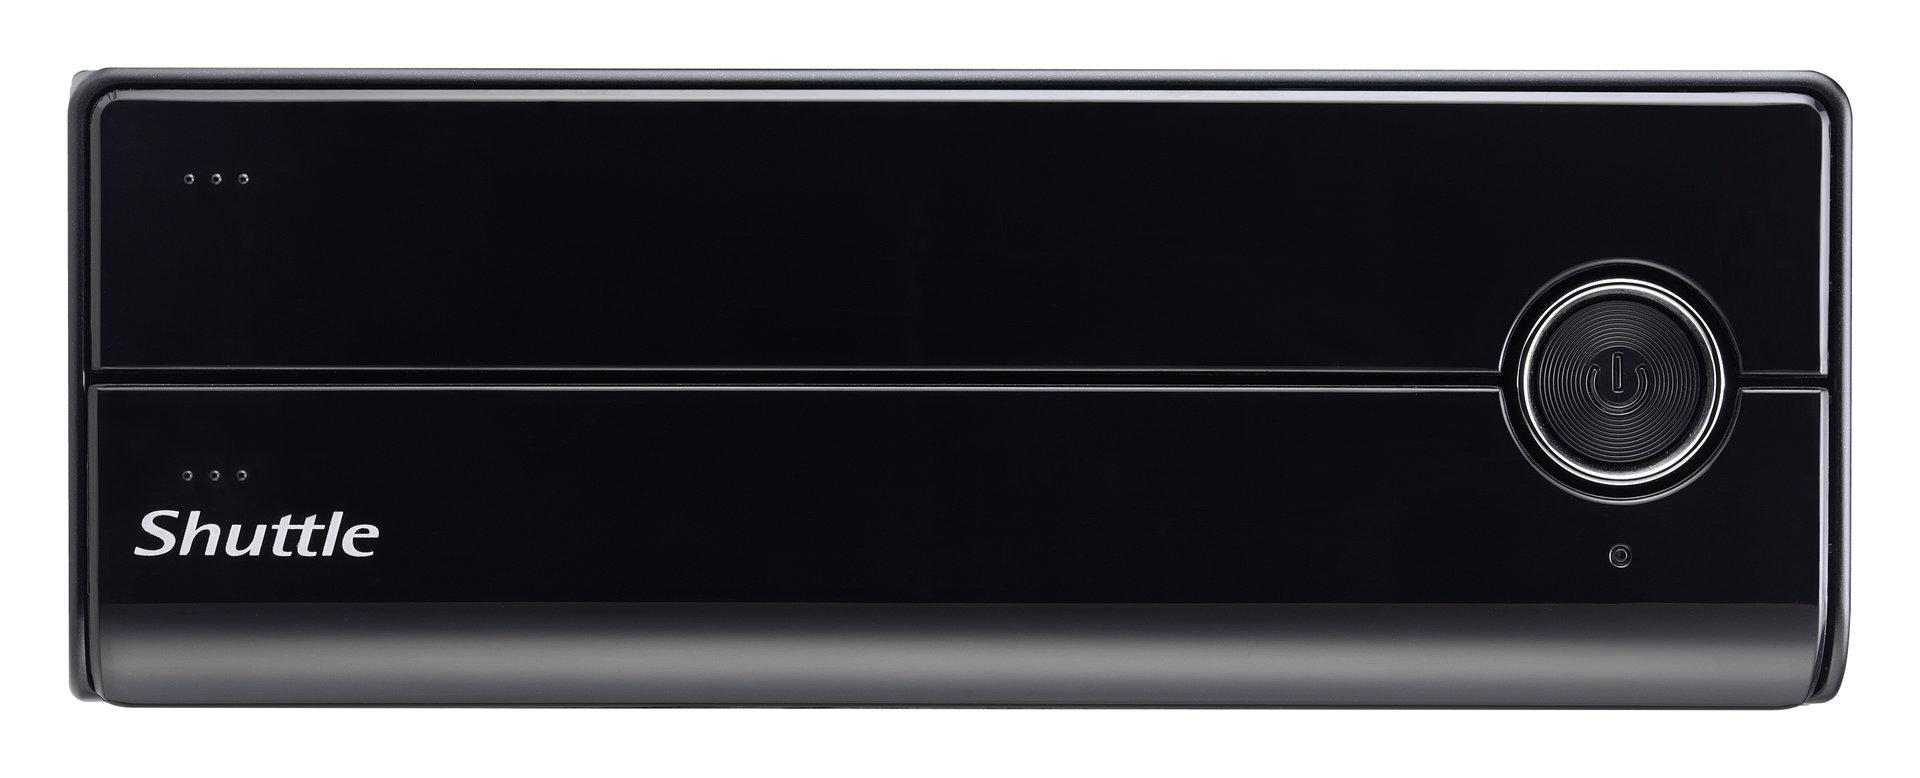 Hinter der Frontblende verbergen sich teilweise USB-3.0- und USB-2.0-Buchsen